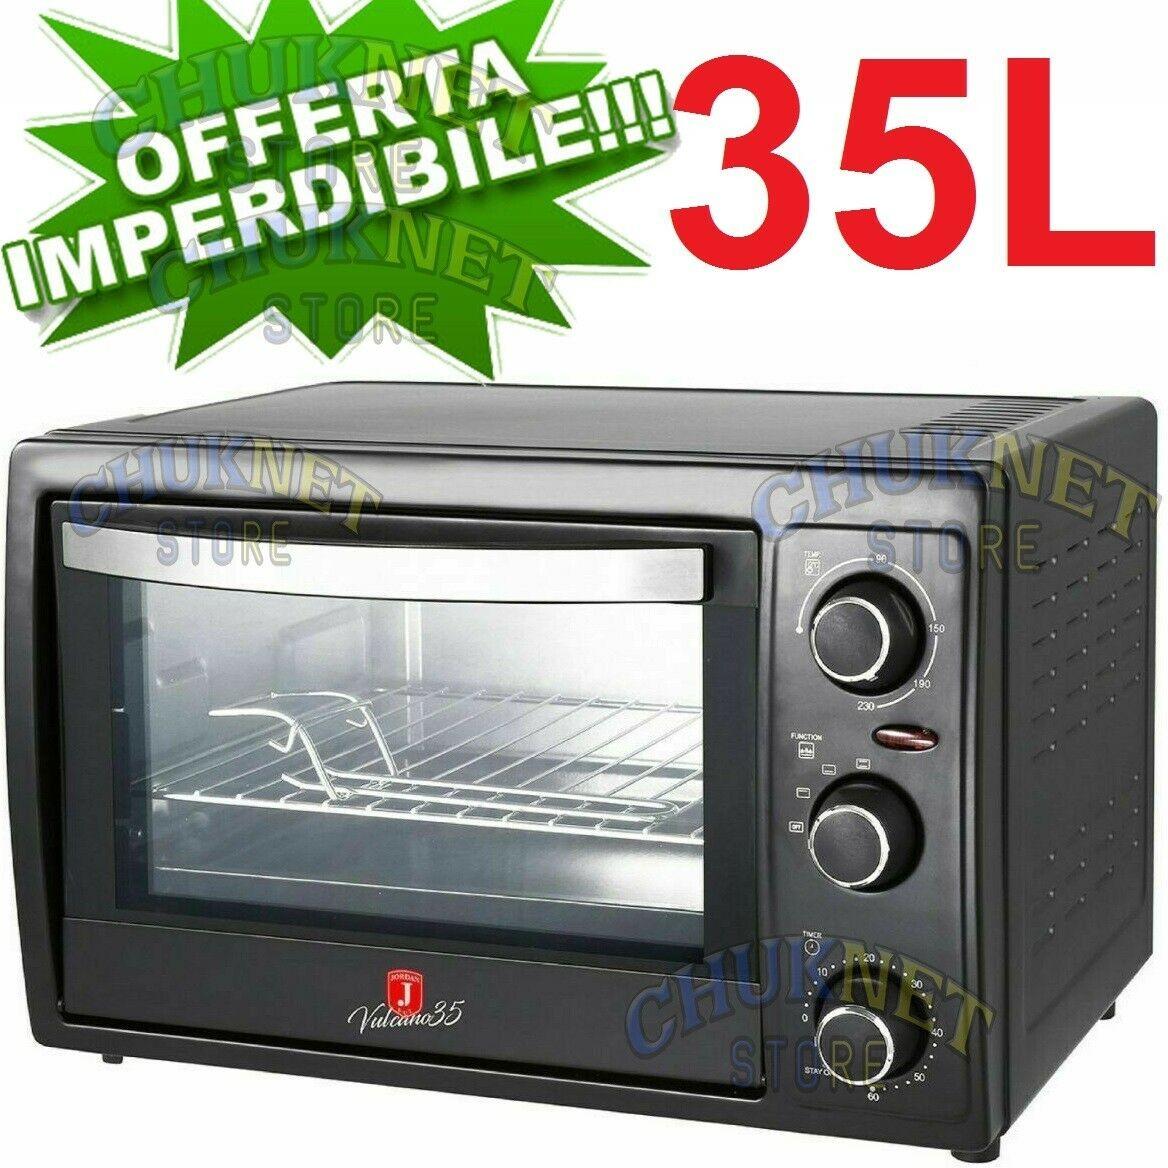 Forno elettrico cucina ventilato 35L 1500w termostato regolabile acciaio jordan